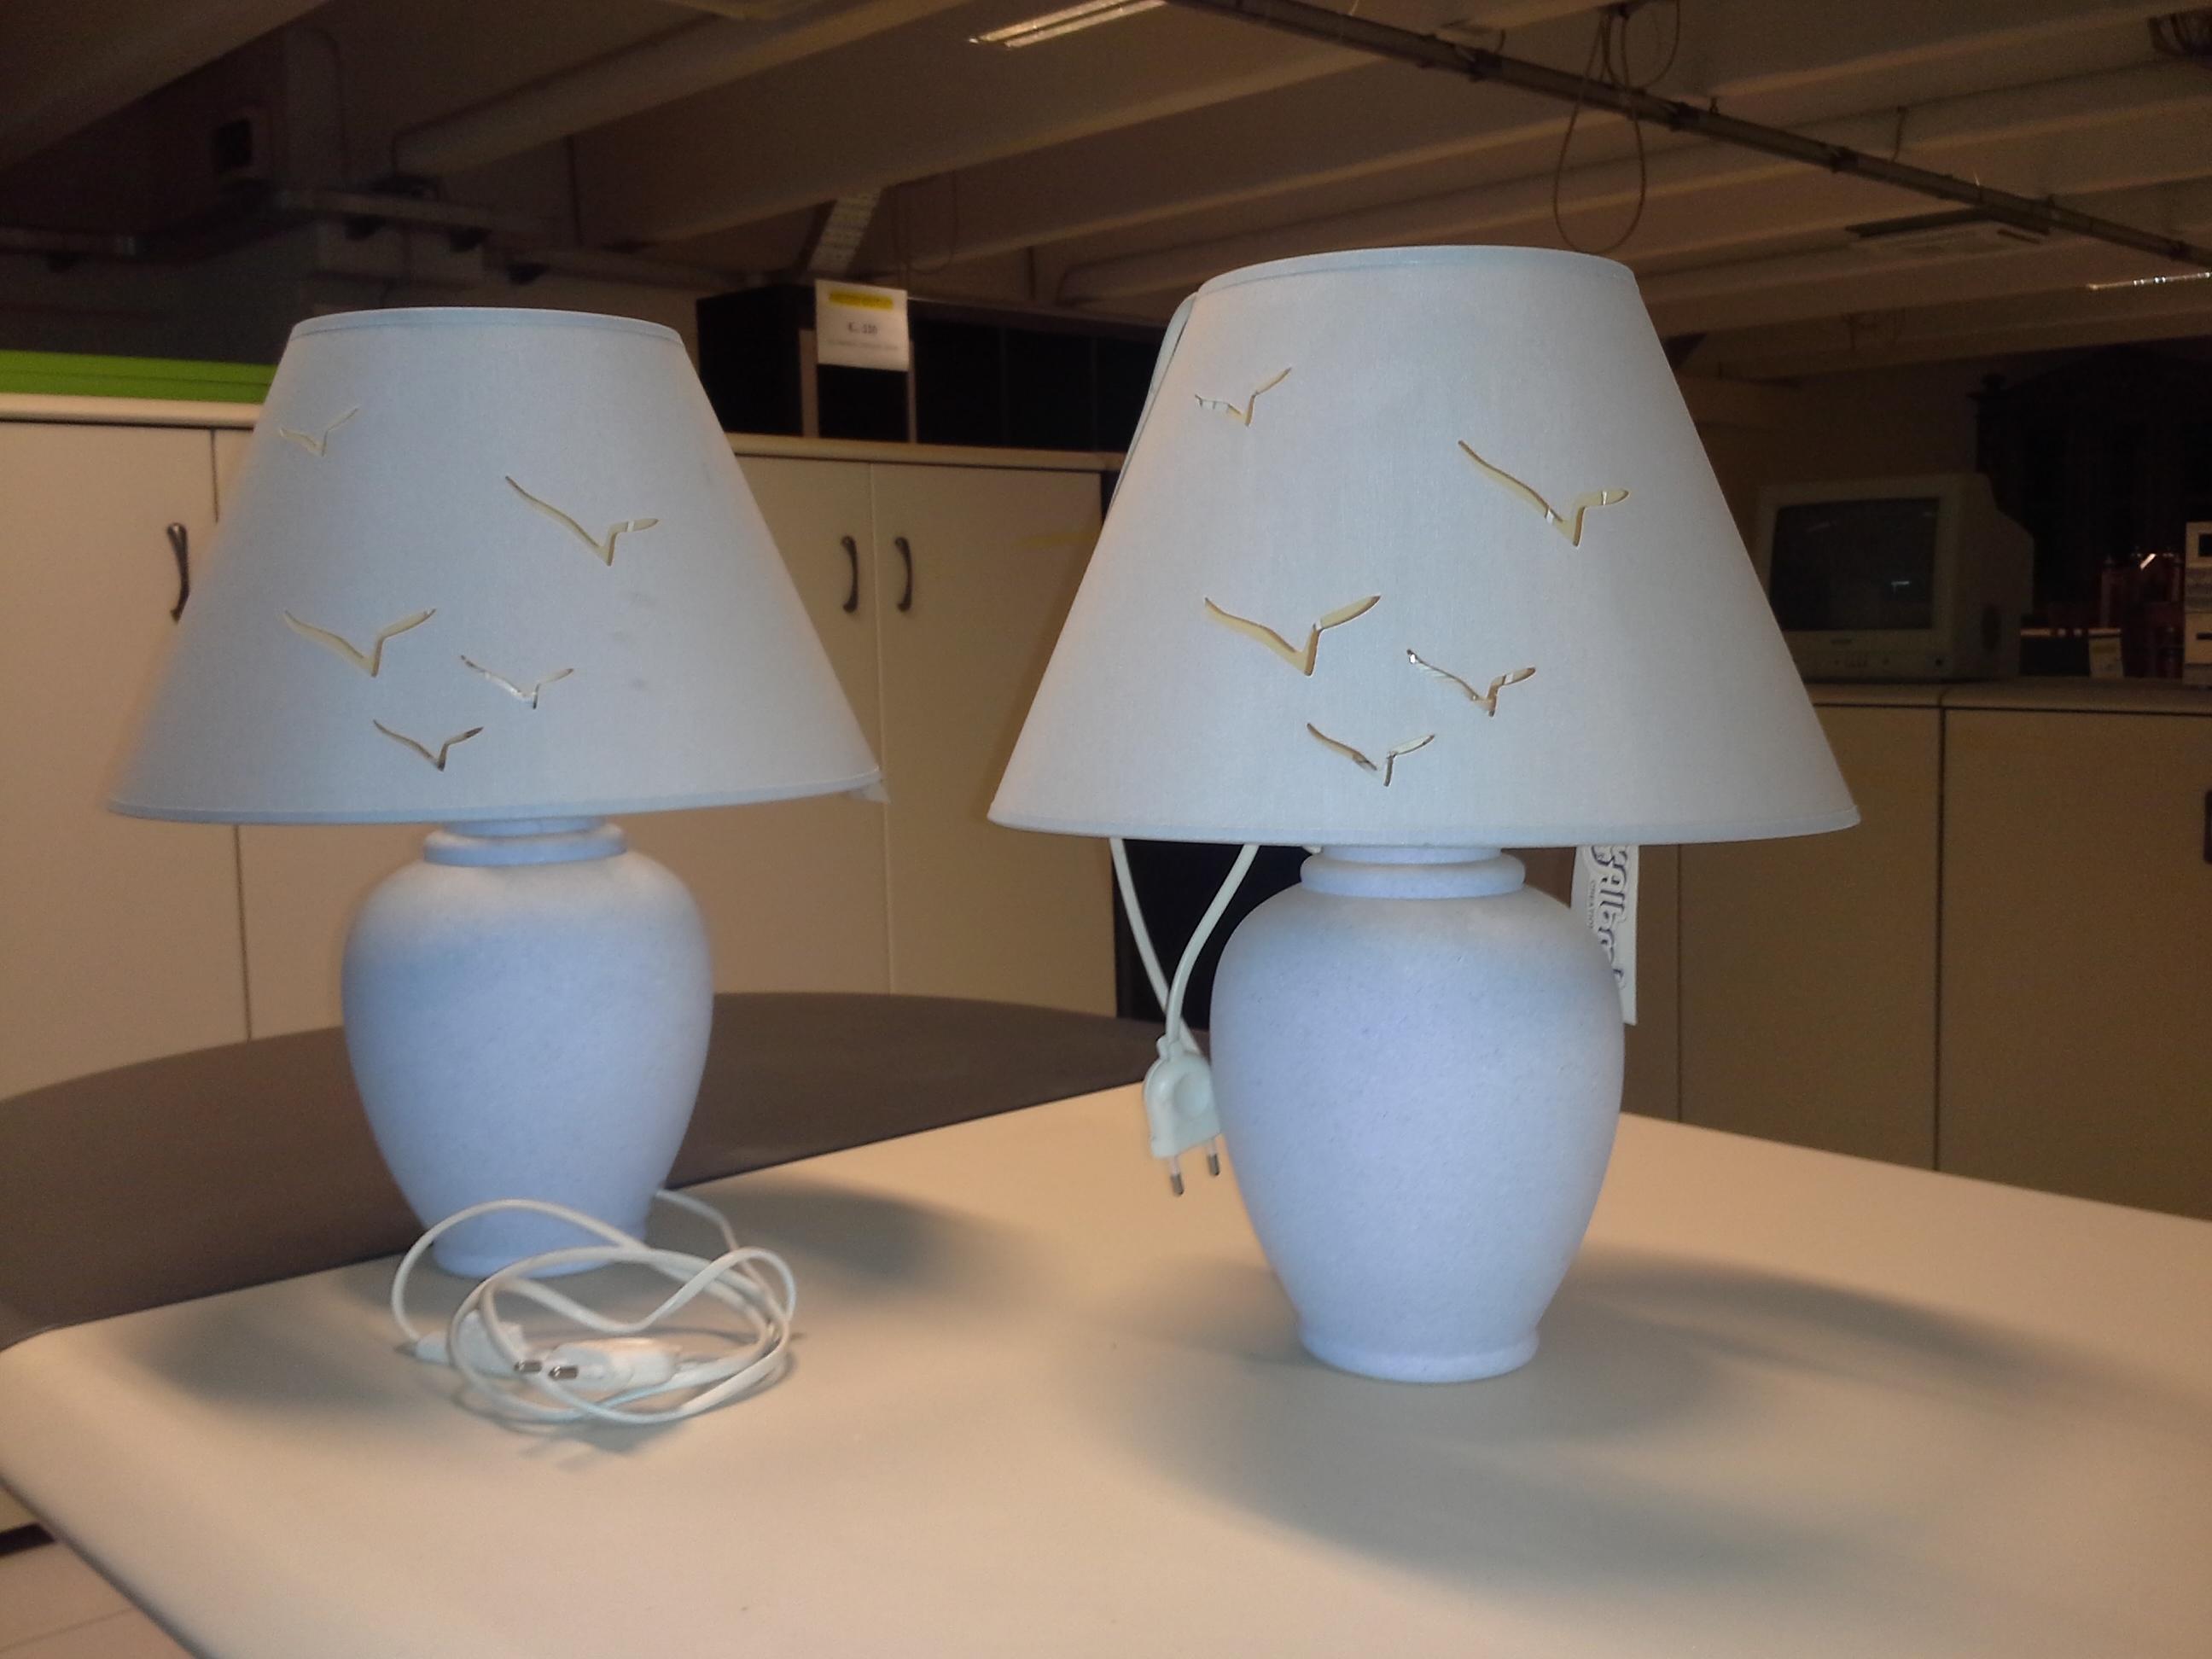 Offerta lampada da tavolo illuminazione a prezzi scontati - Kit per lampade da tavolo ...